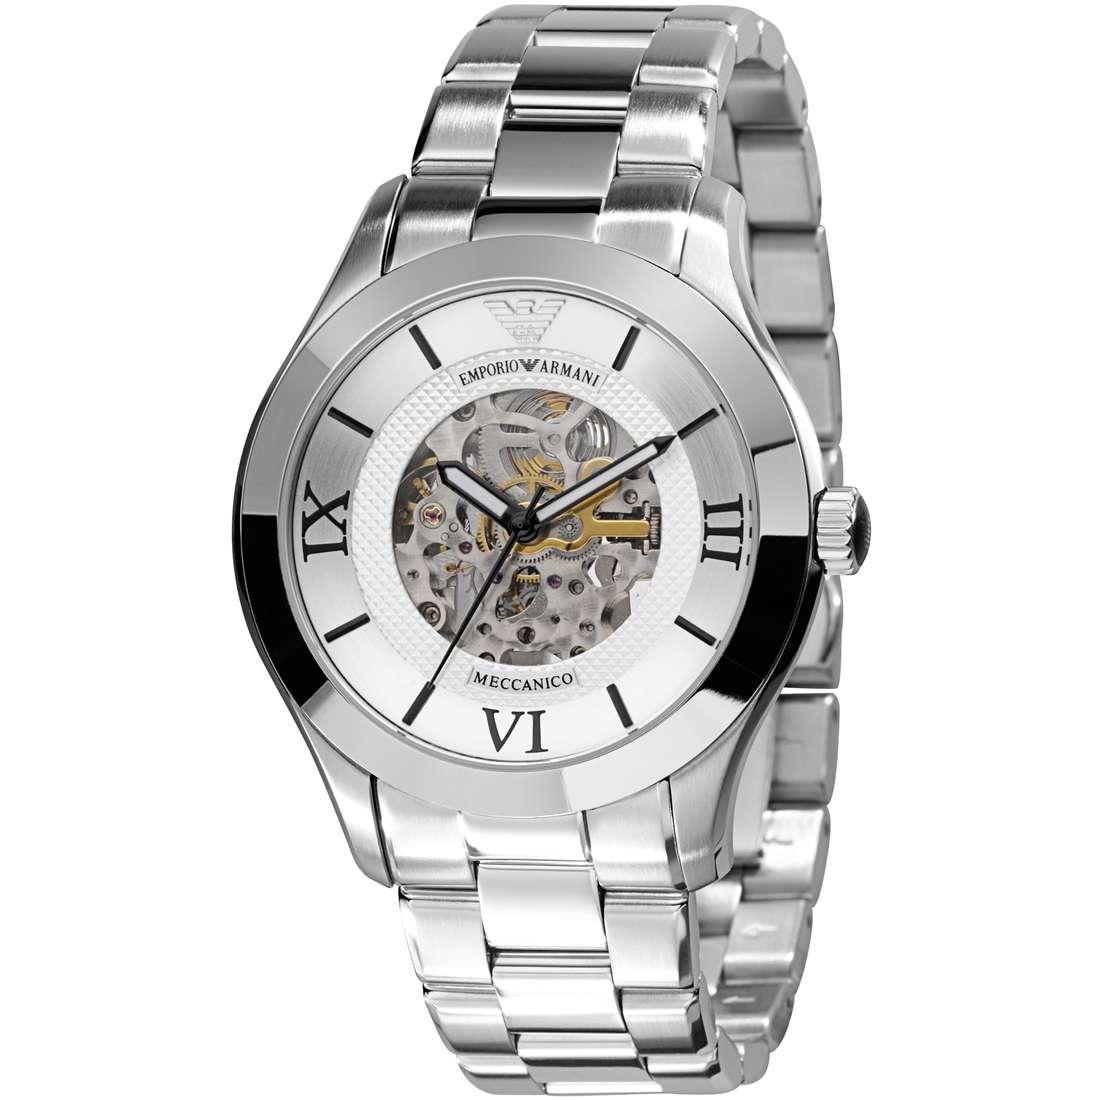 watch mechanical man Emporio Armani AR4647